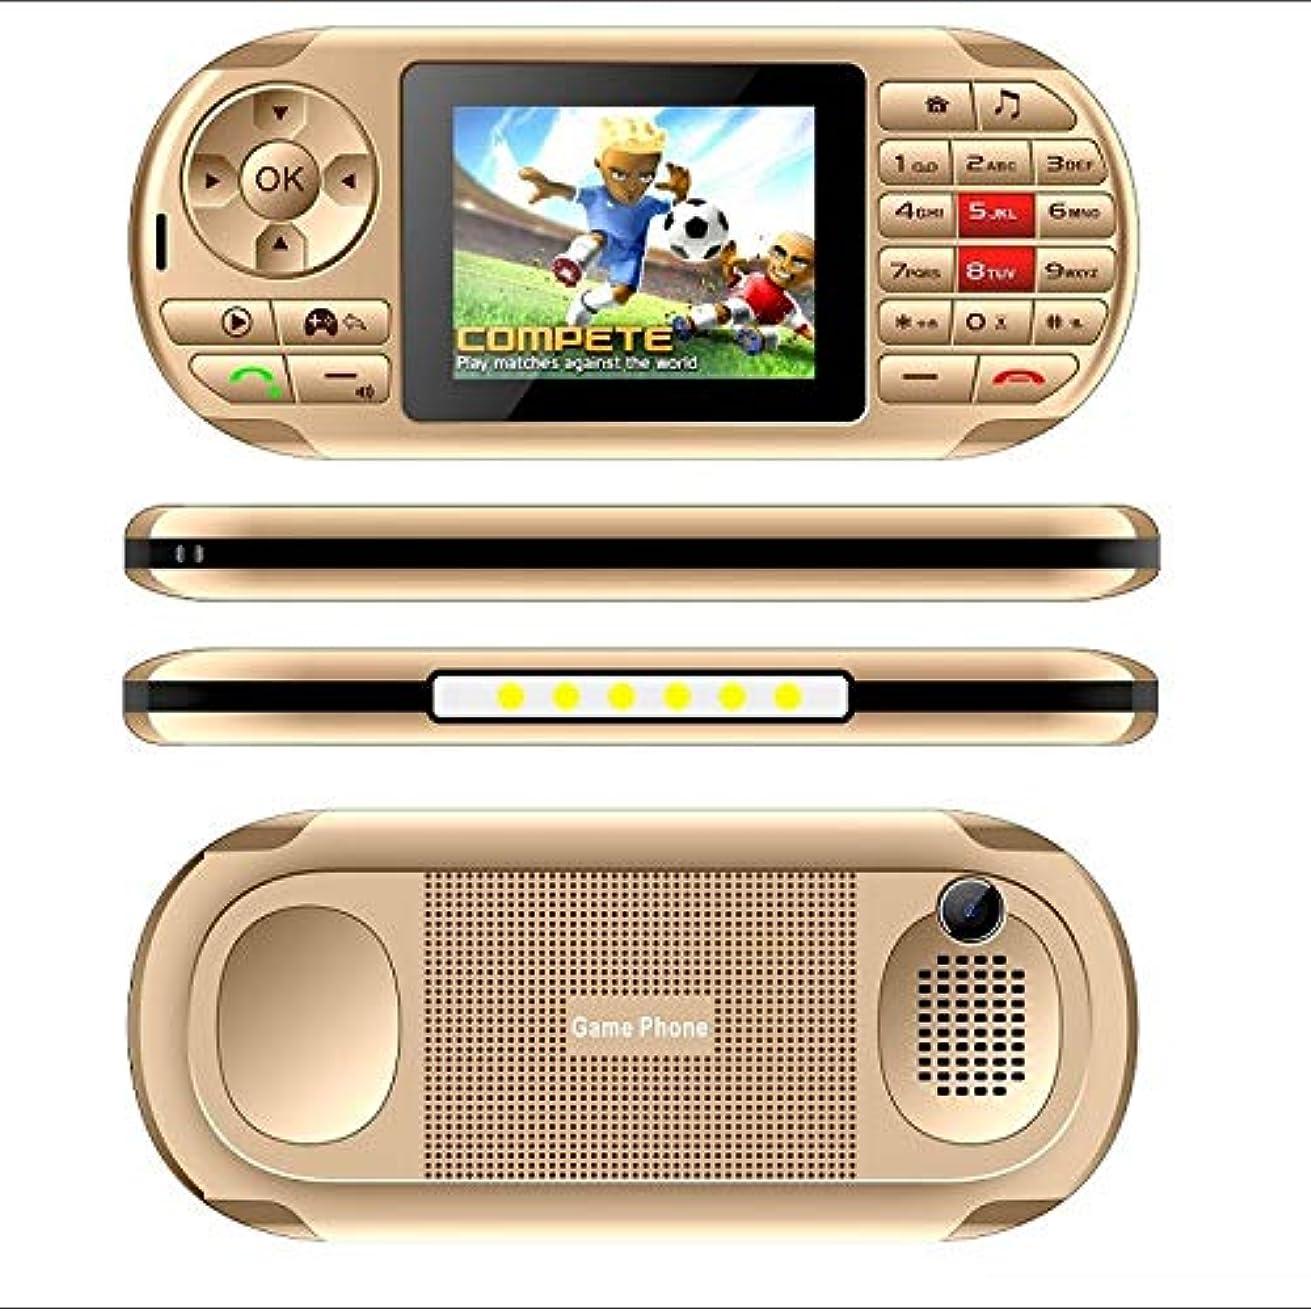 マトン留め金キュービックSakuraBest 84ゲーム携帯電話に内蔵されたゲームコンソールの外観懐中電灯GPRSデュアルSim (Gold)